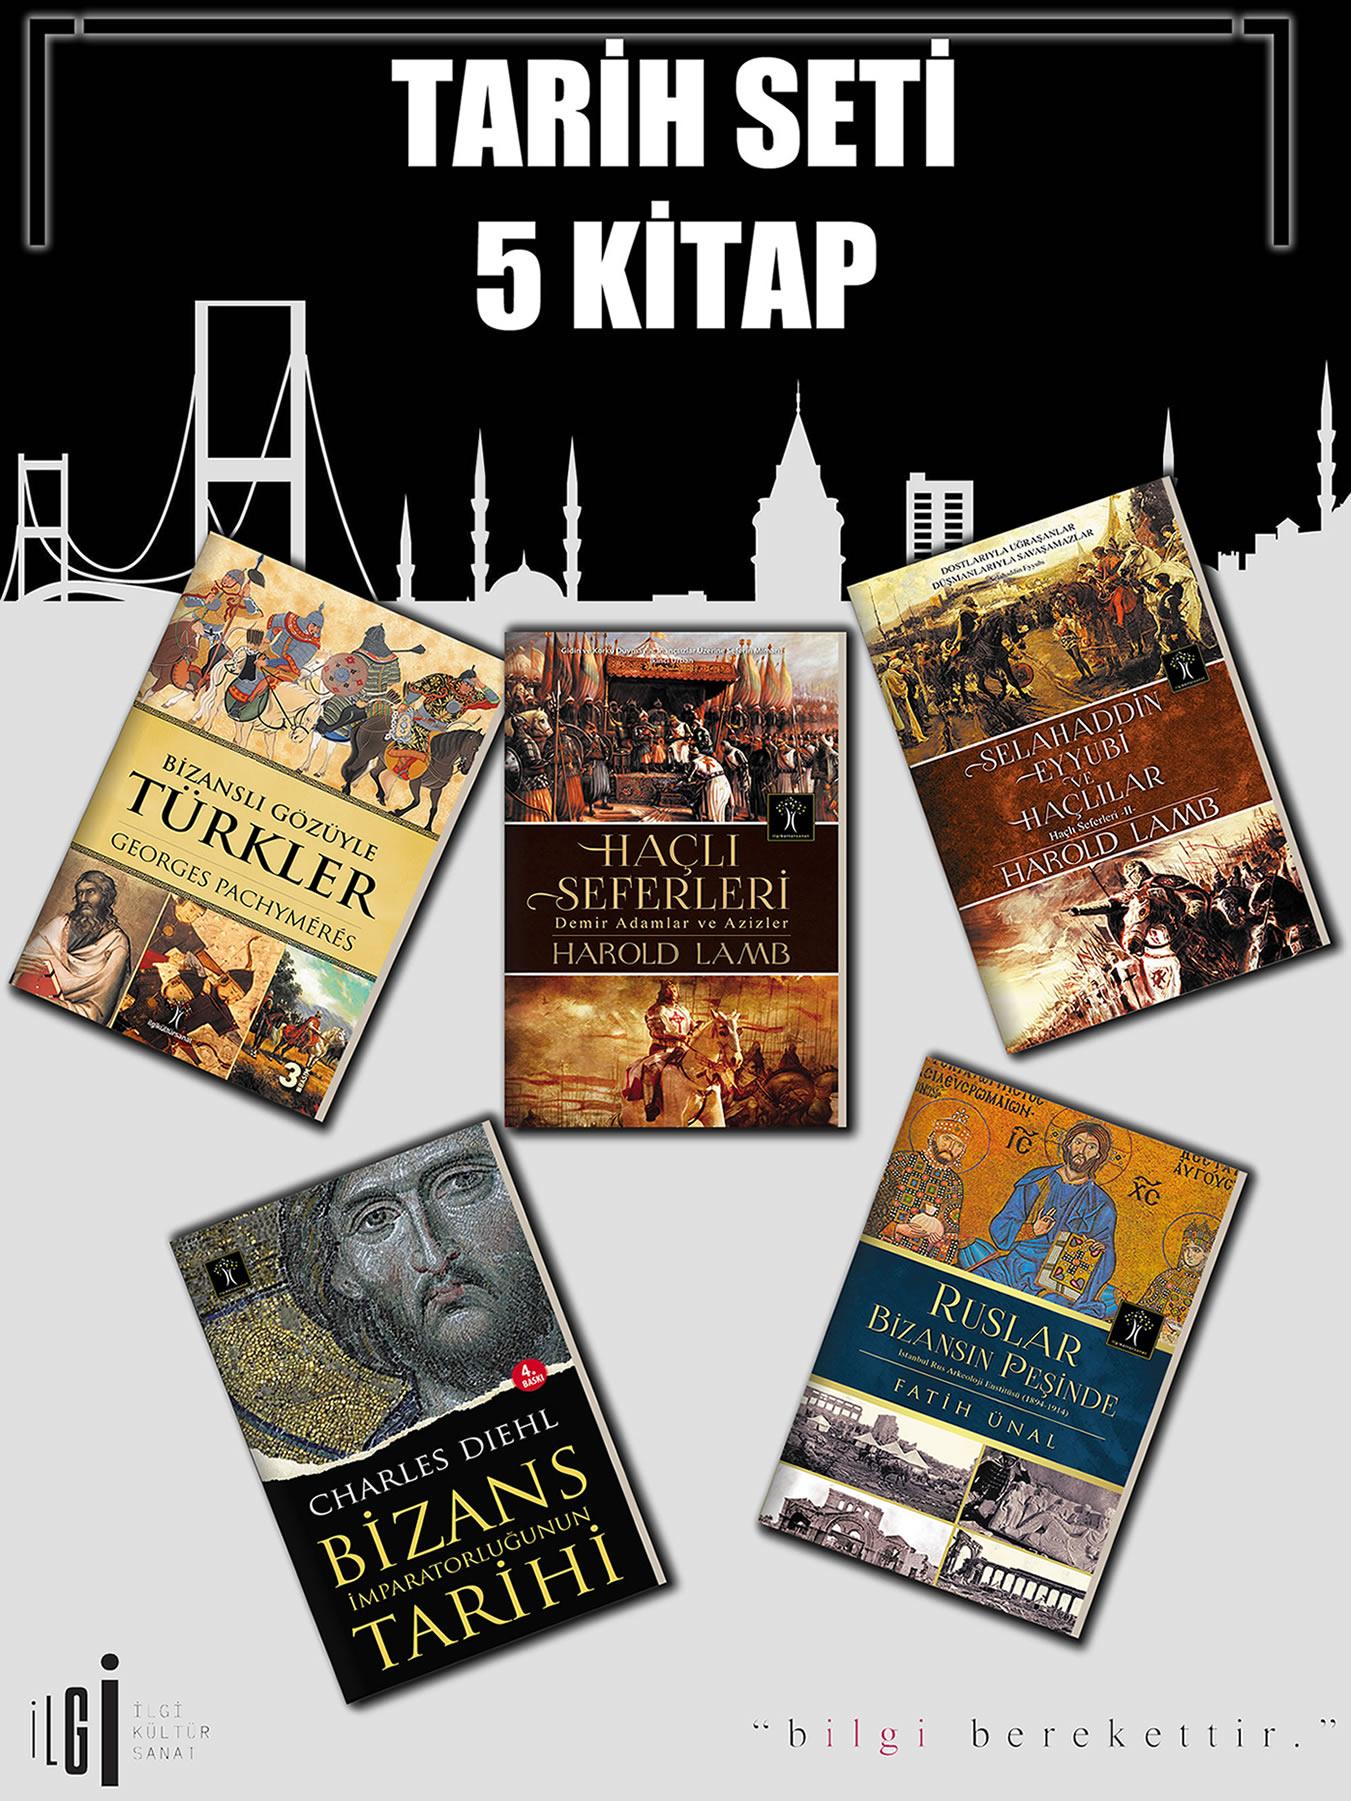 Tarih Seti 5 Kitap